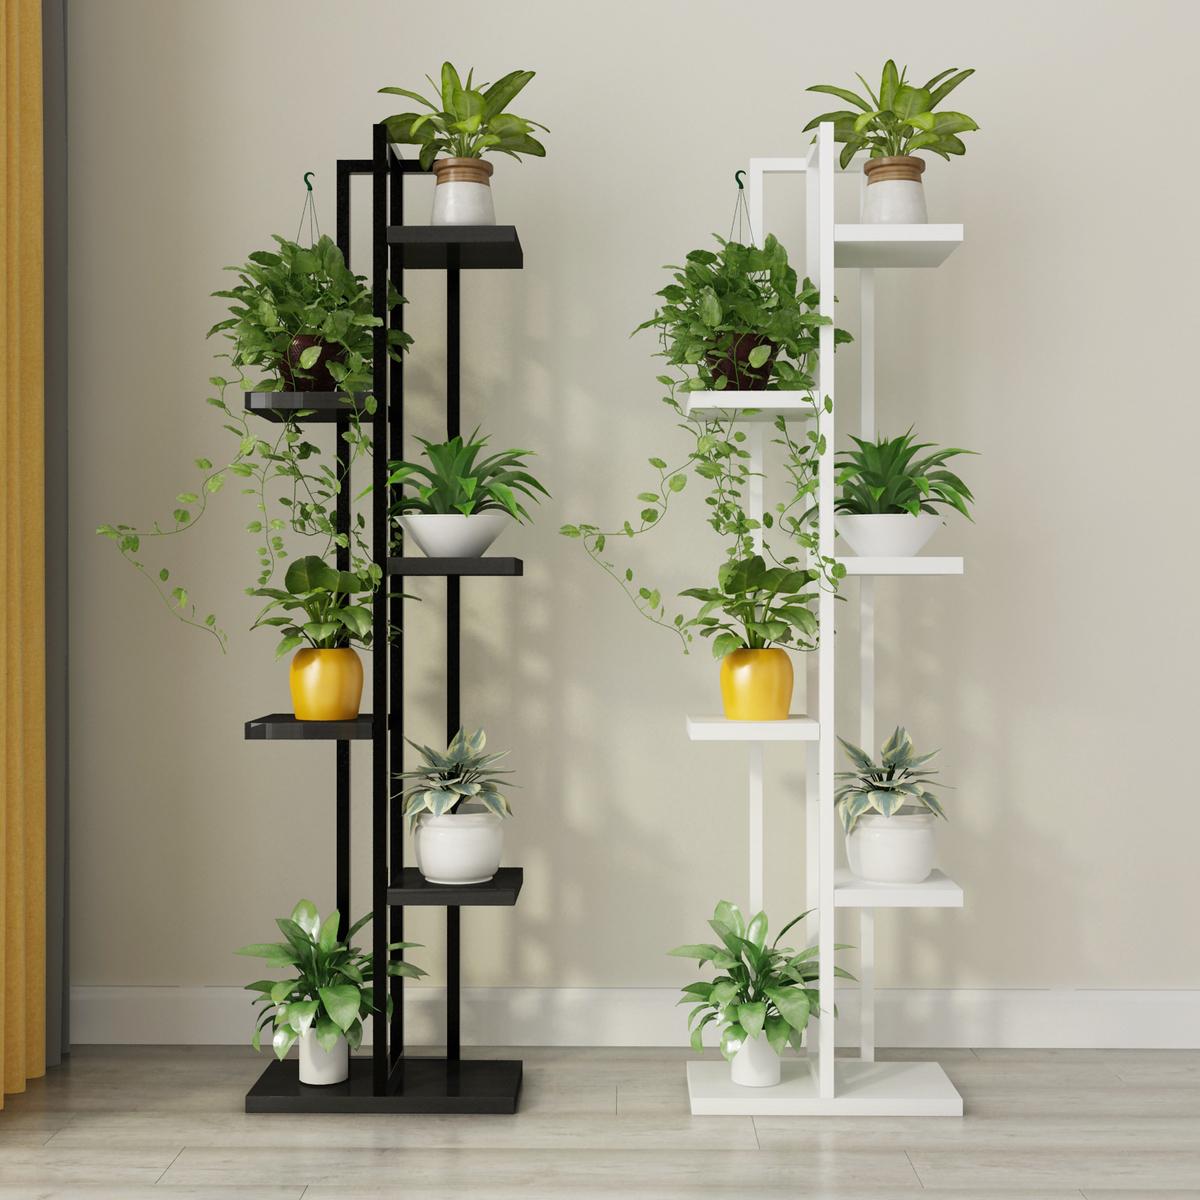 客厅花架铁艺多层室内多功能多肉绿萝吊兰花架子特价省空间落地式